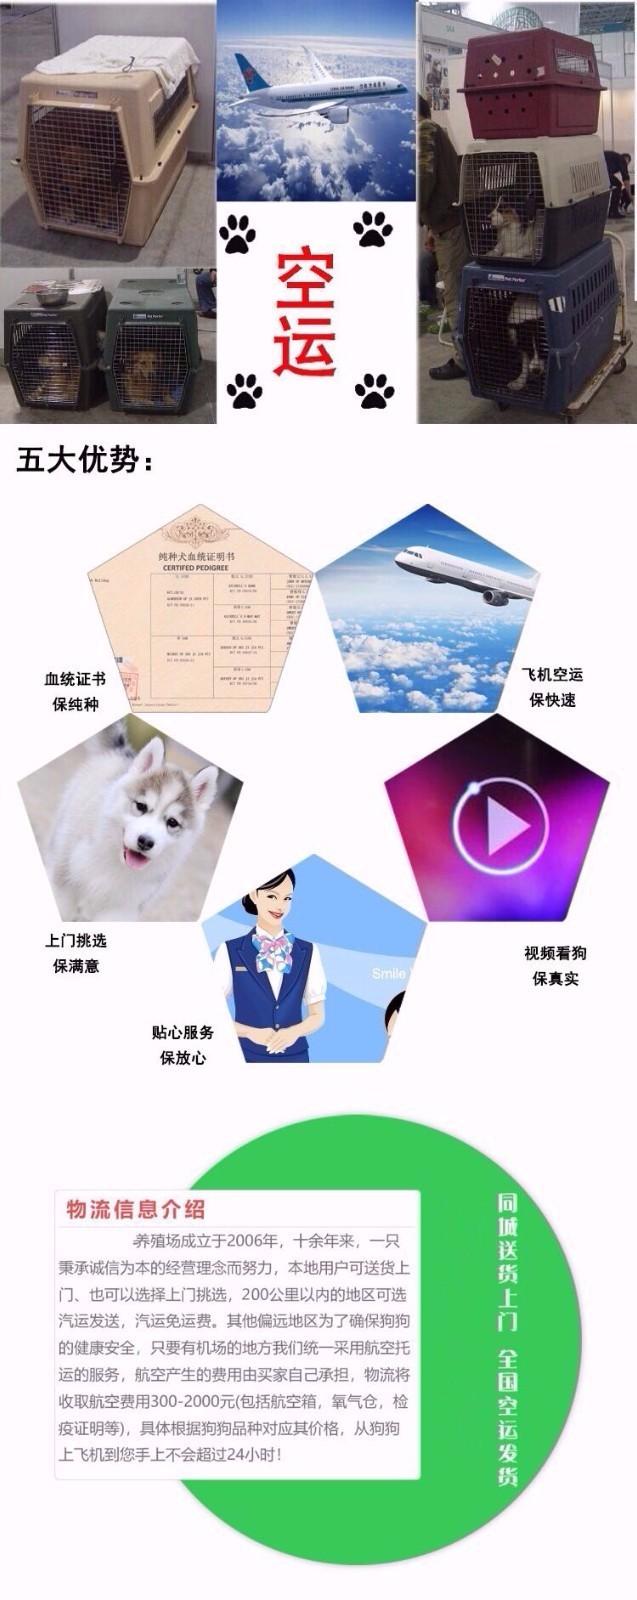 CKU犬舍认证长沙出售纯种大丹犬终身完善售后服务11